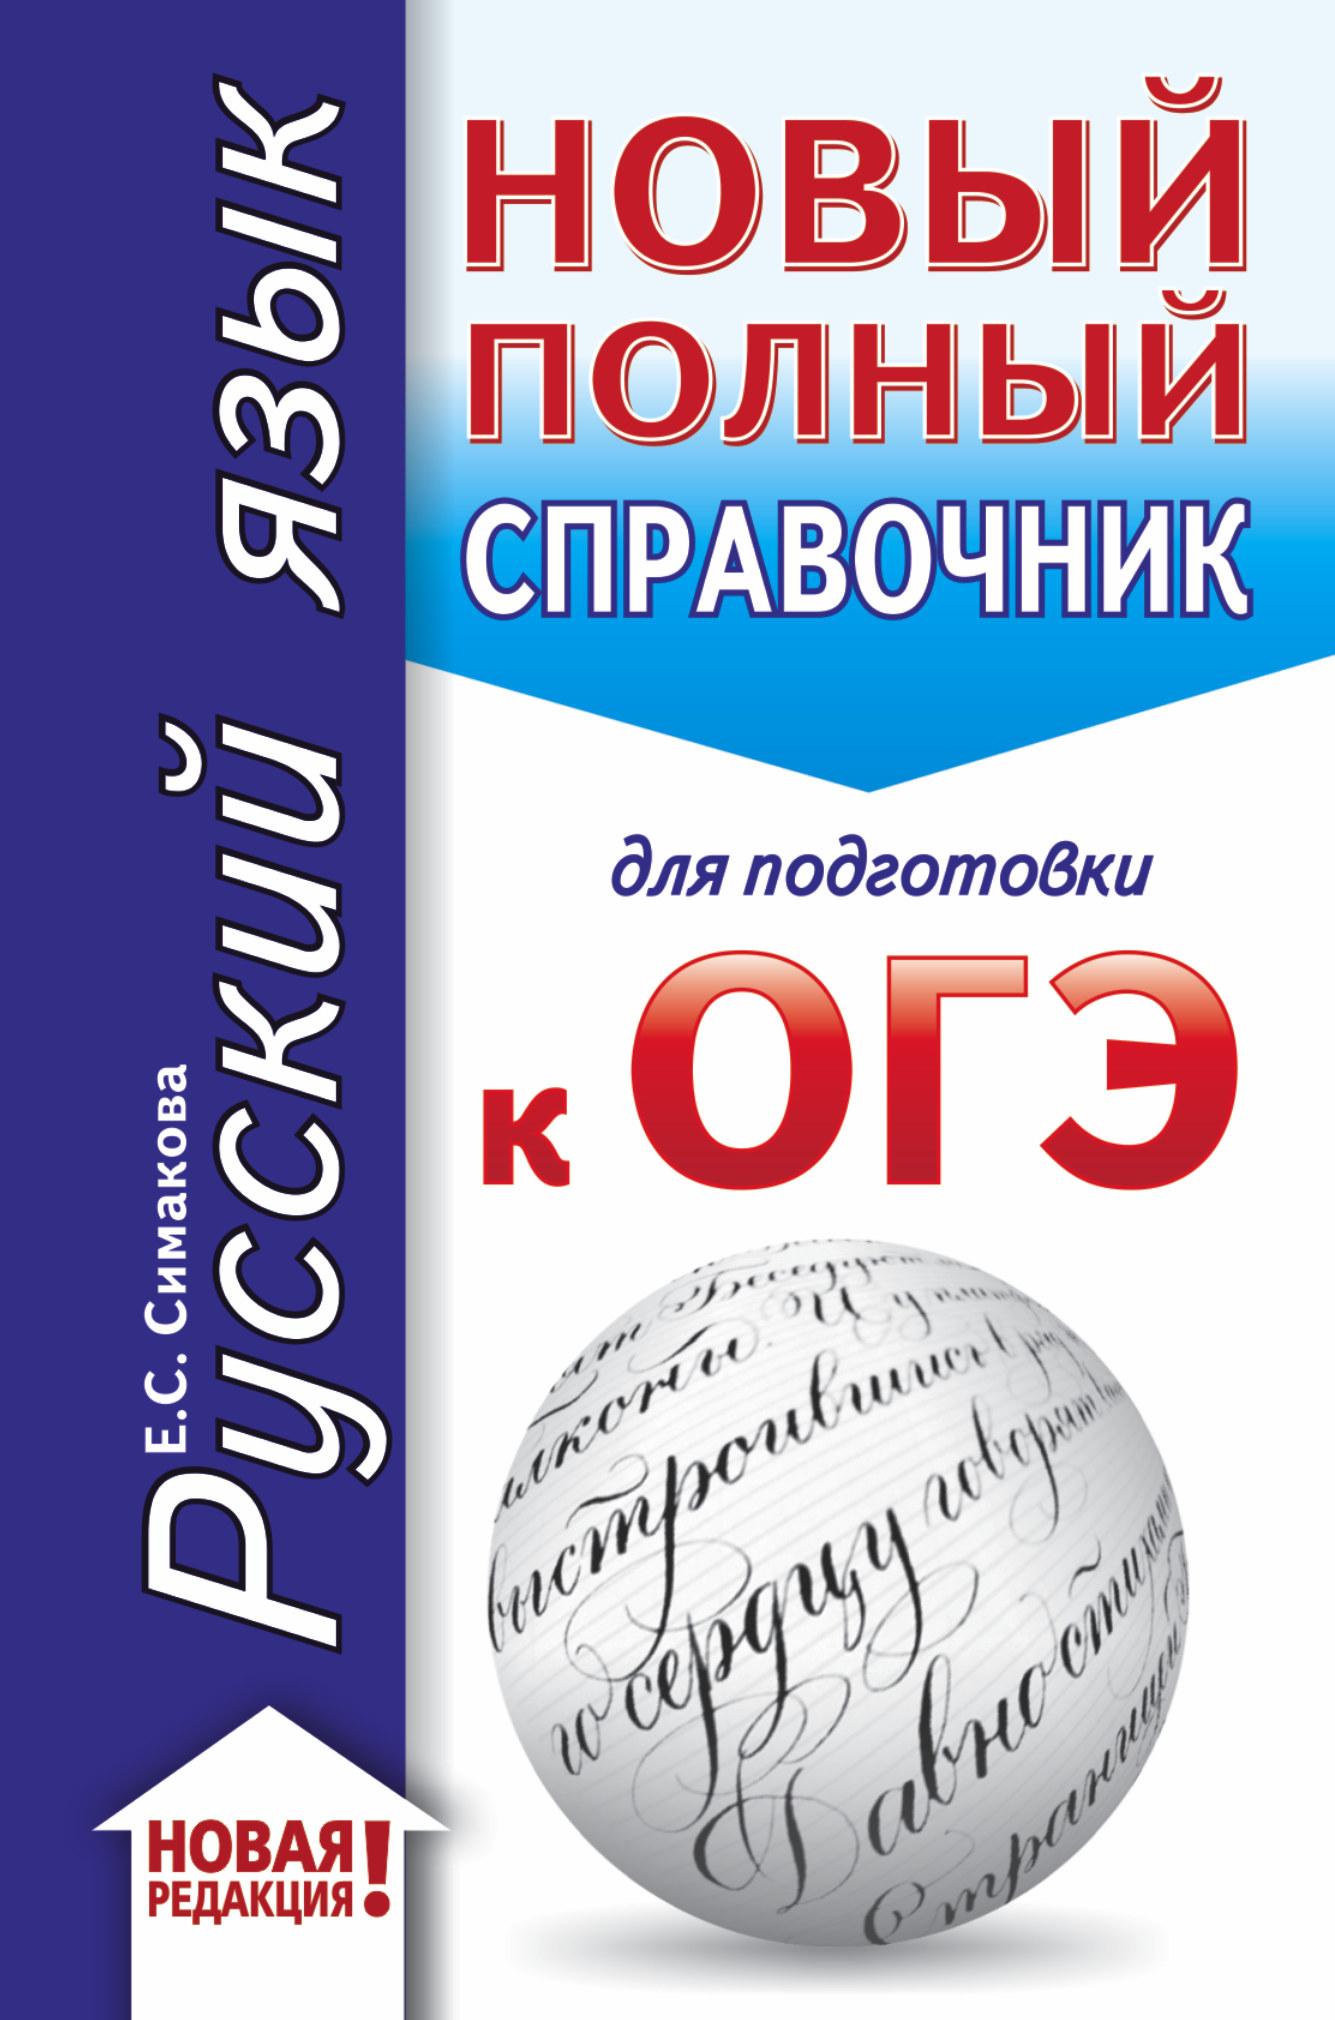 OGE. Russkij jazyk (70x90/32). Novyj polnyj spravochnik dlja podgotovki k OGE